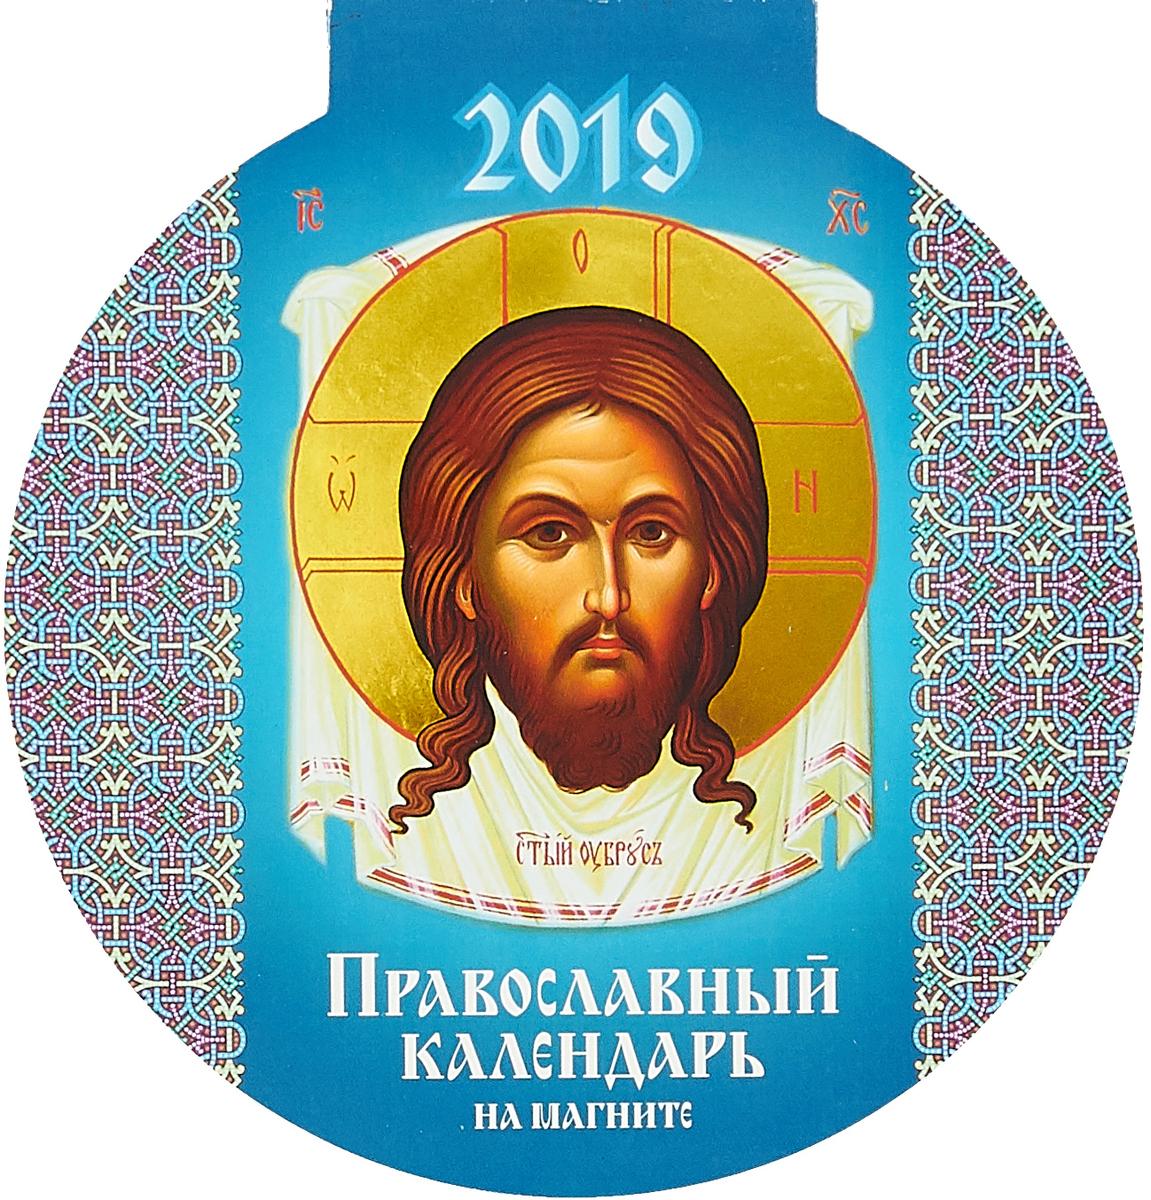 все цены на Православный календарь 2019 (на магните)